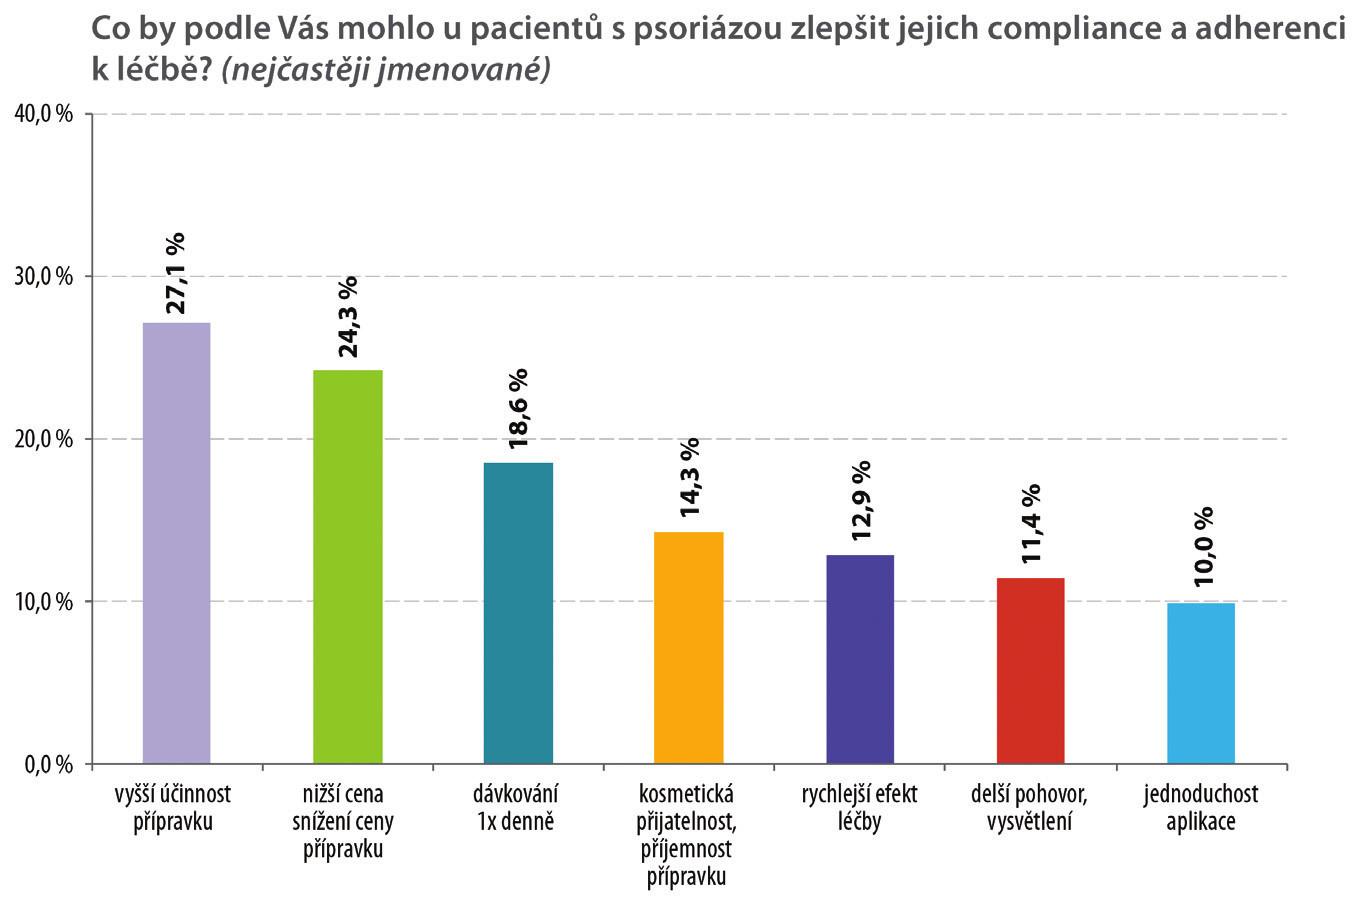 Zlepšení compliance a adherence k léčbě